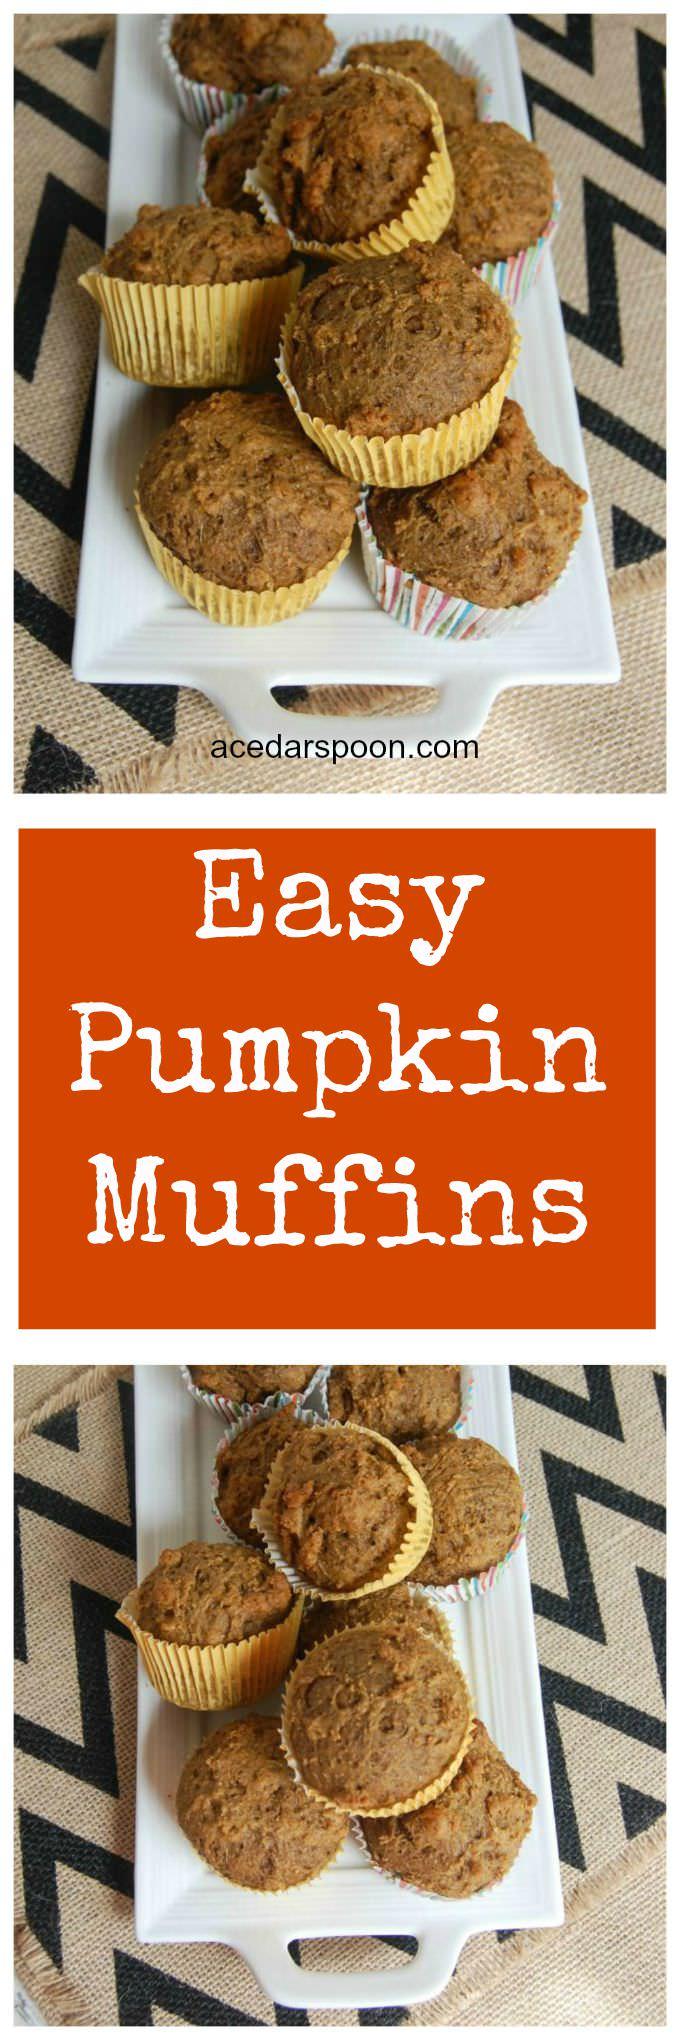 Easy Pumpkin Muffins - A Cedar Spoon